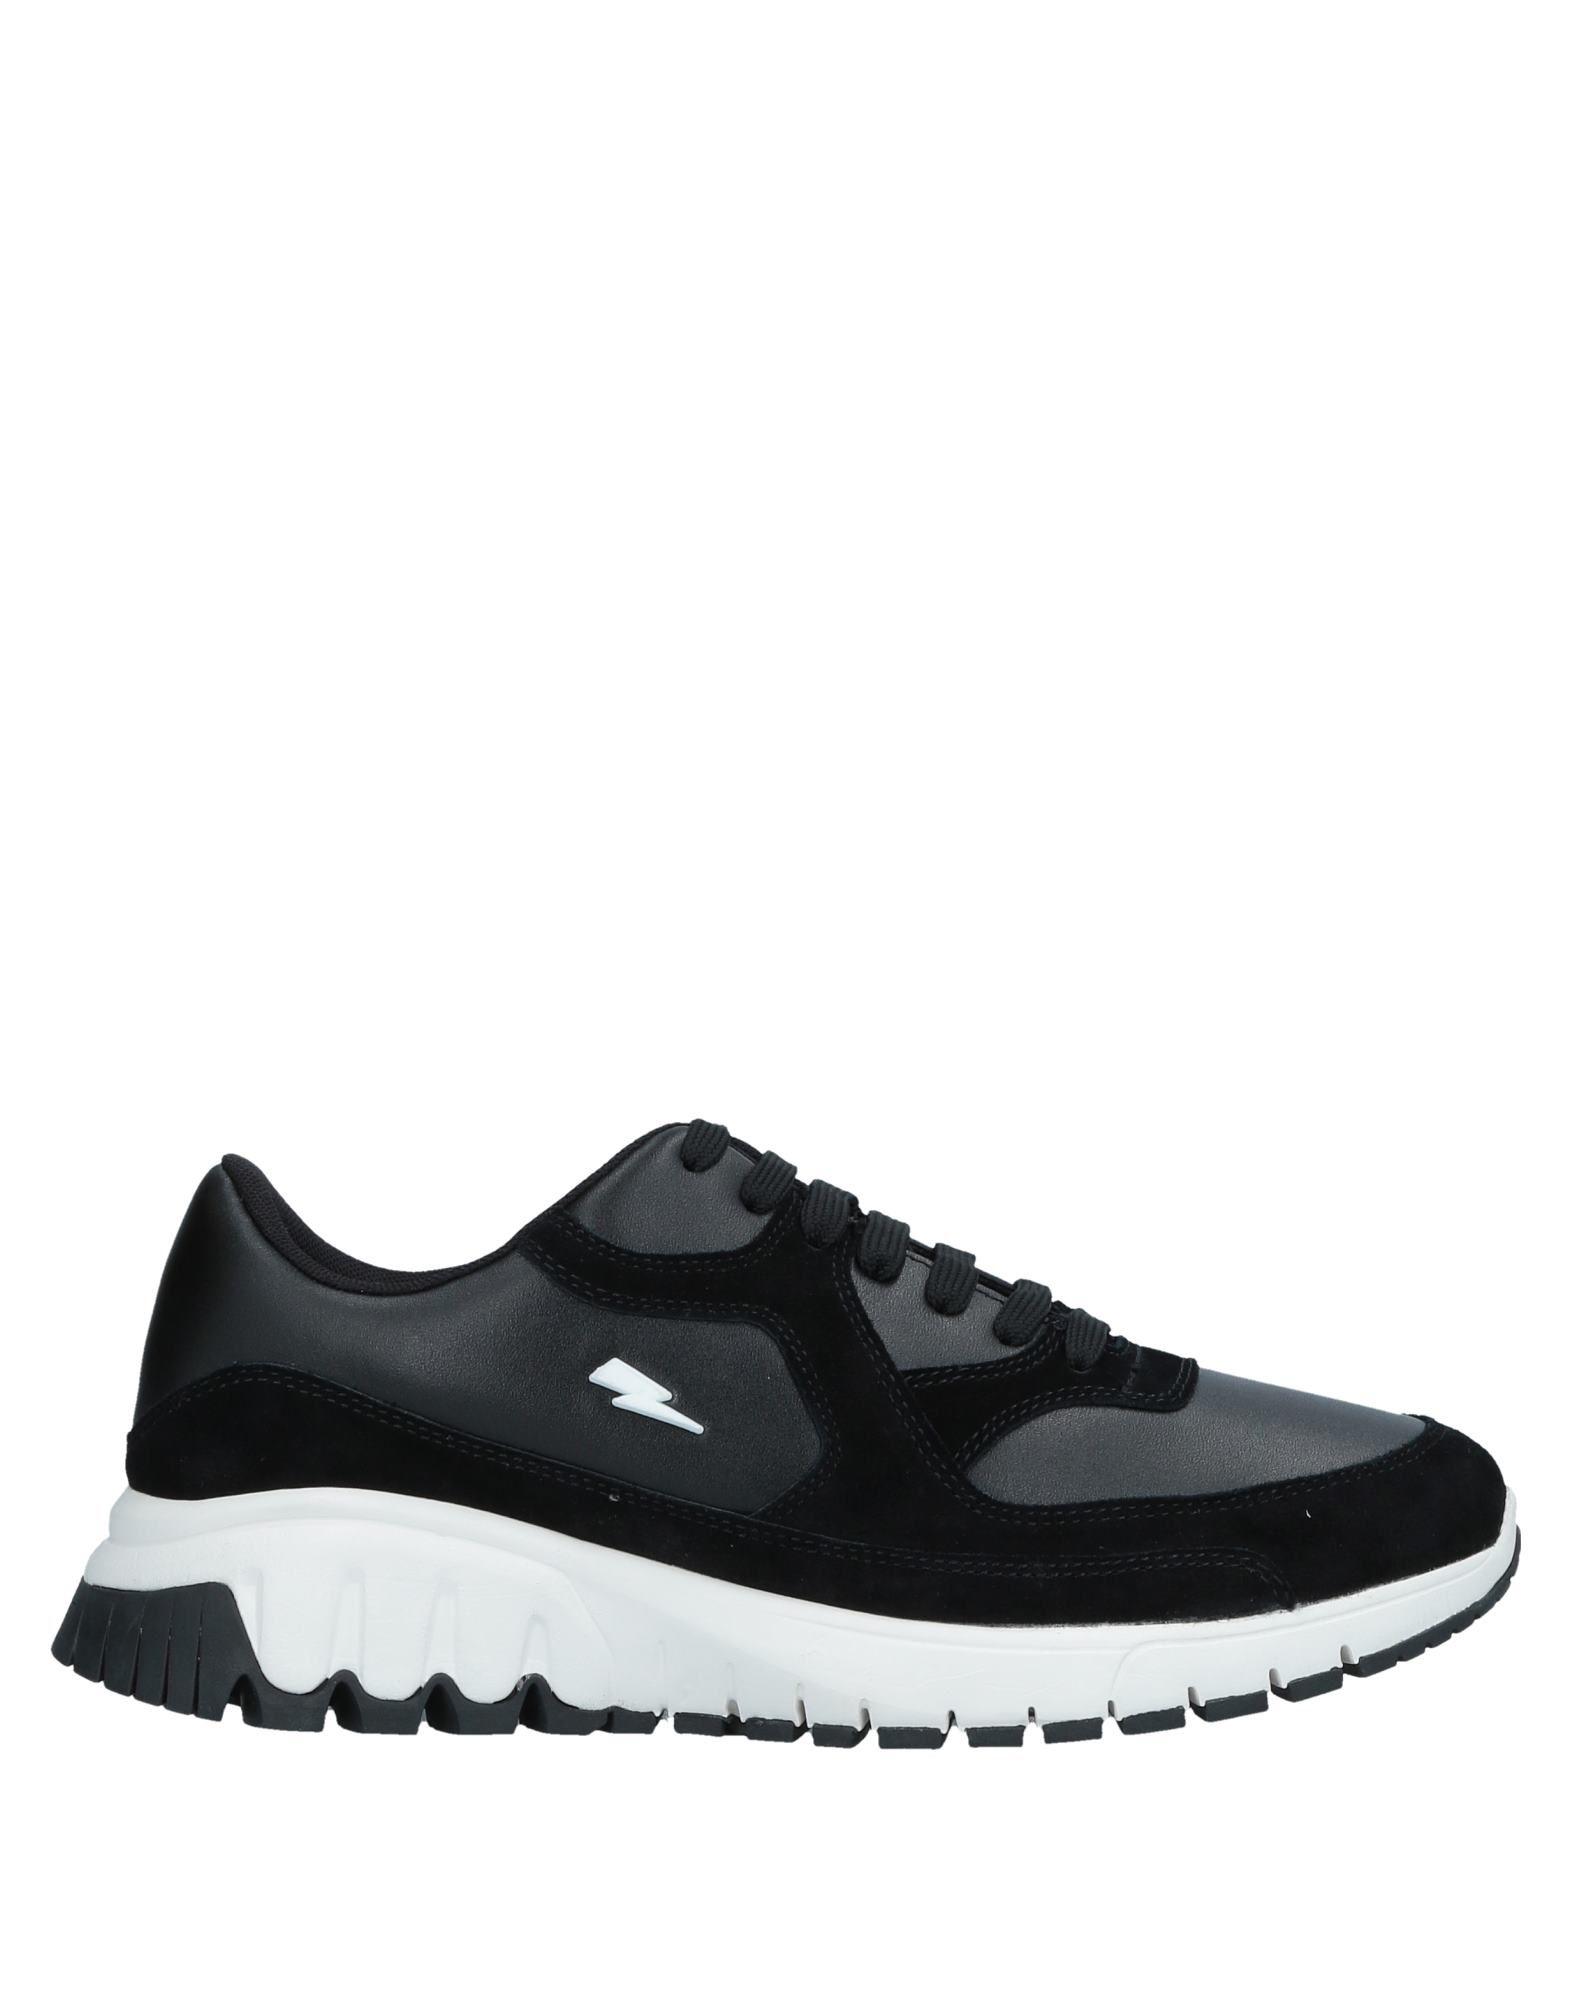 Sneakers Sneakers Sneakers Neil Barrett Uomo - 11528549PG 214912